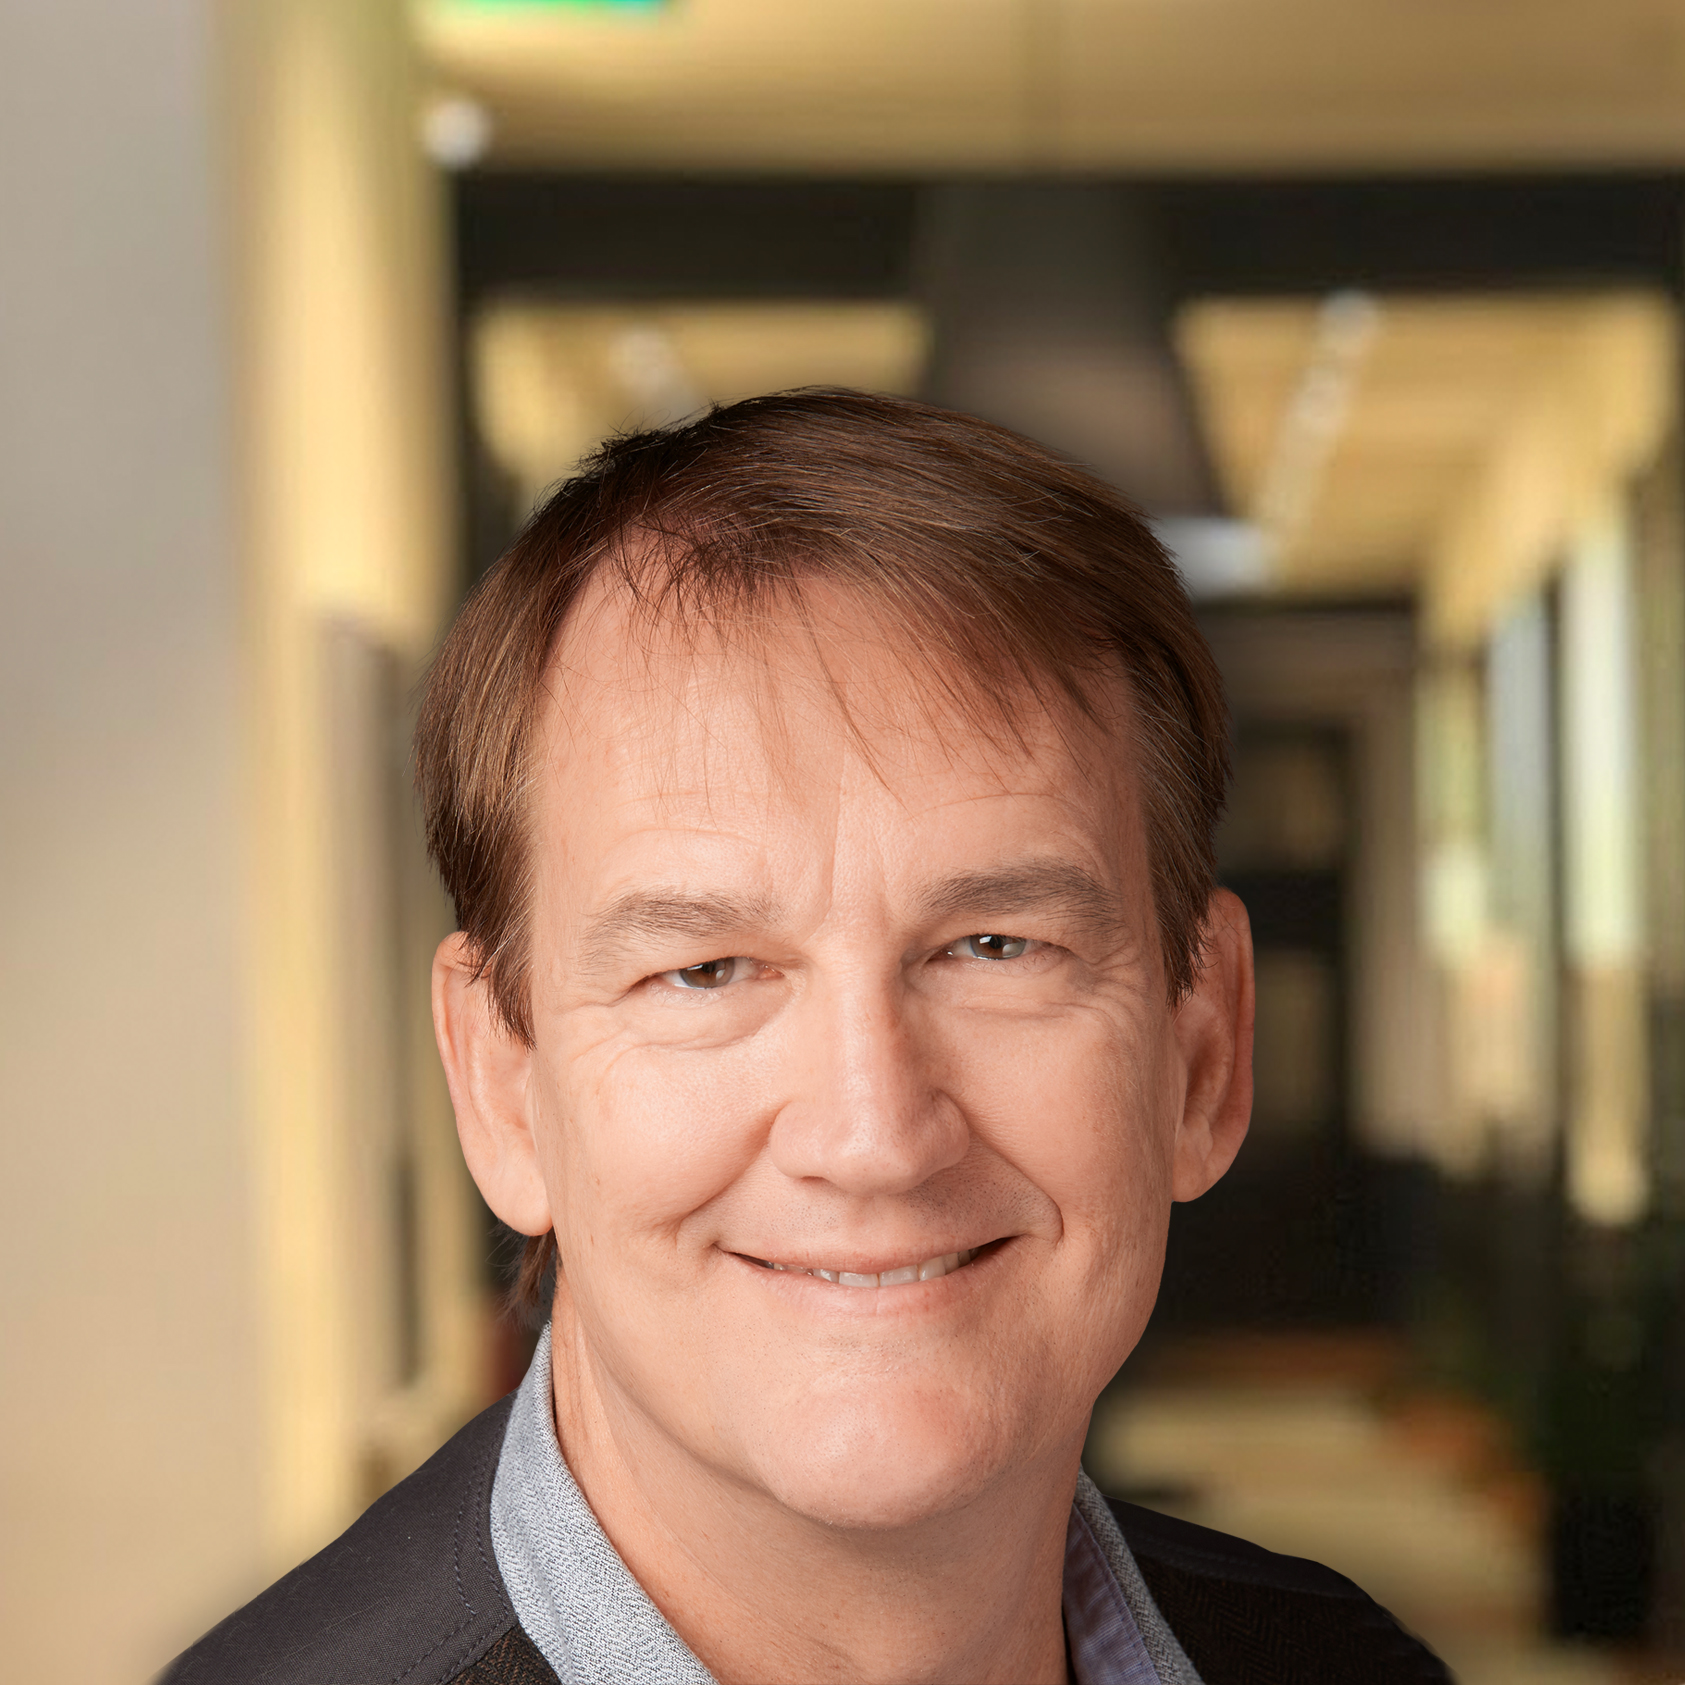 Mark Thomason